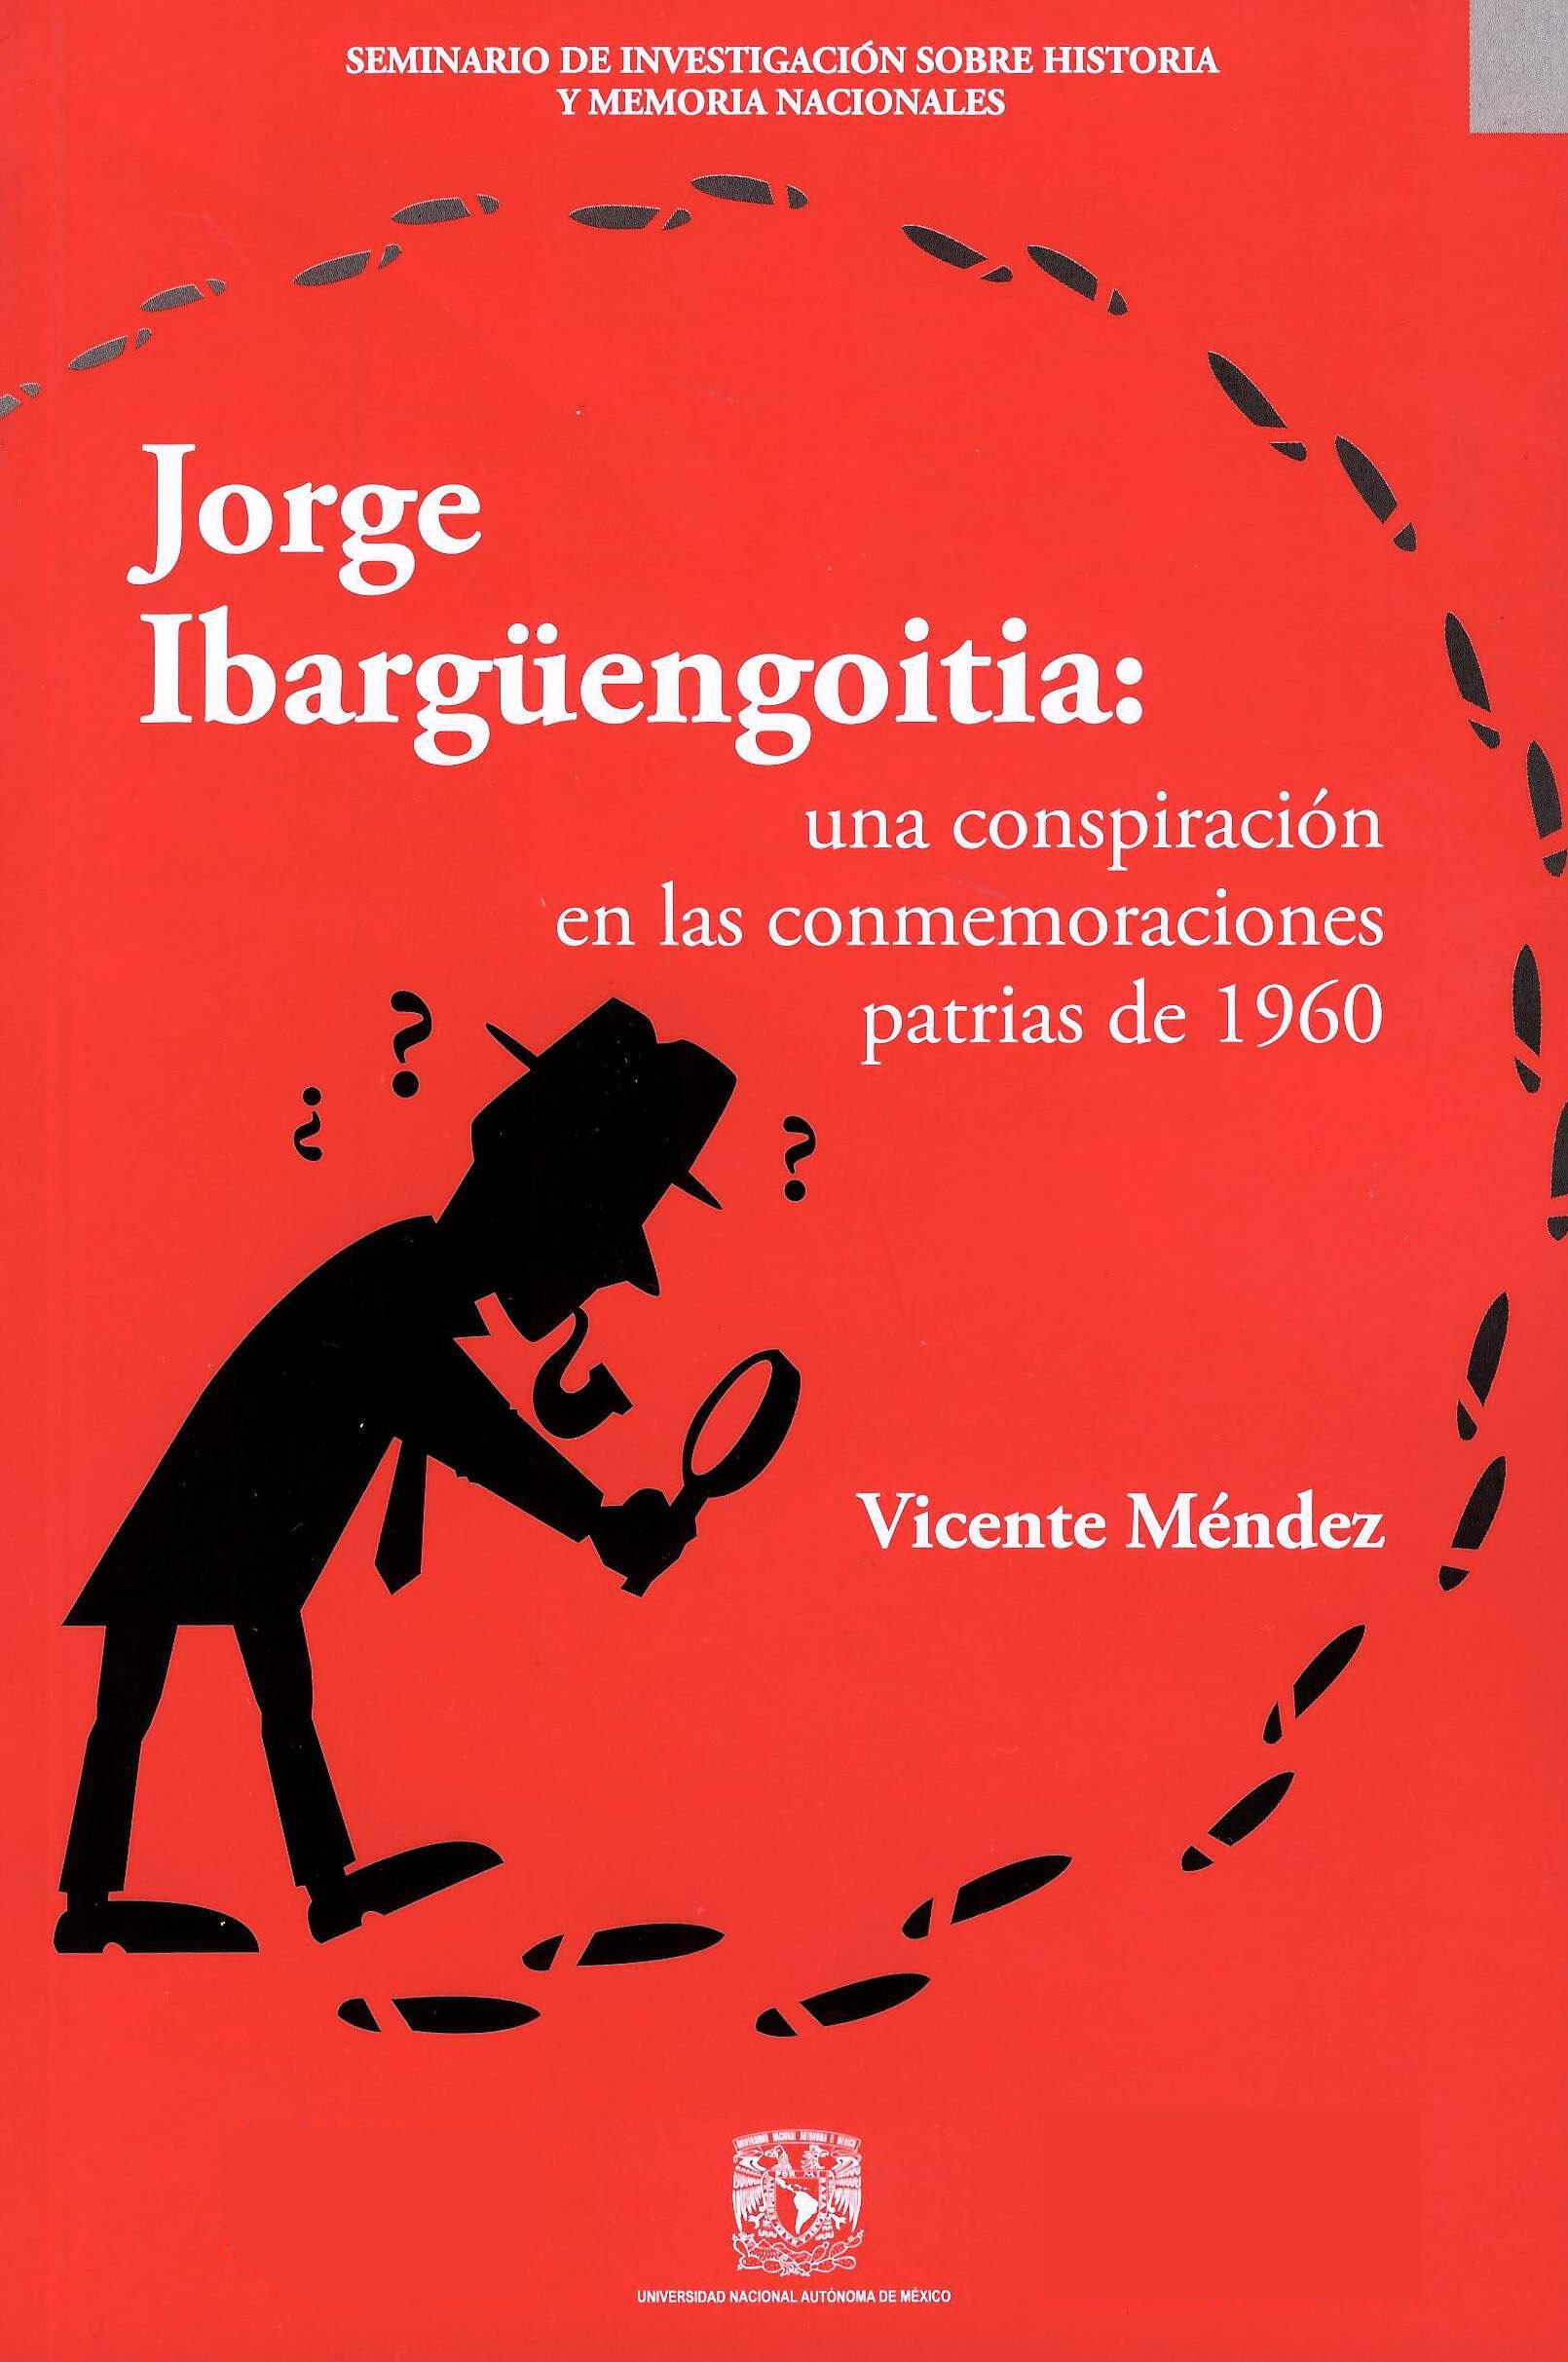 Jorge Ibargüengoitia: una conspiración en las conmemoraciones patrias de 1960